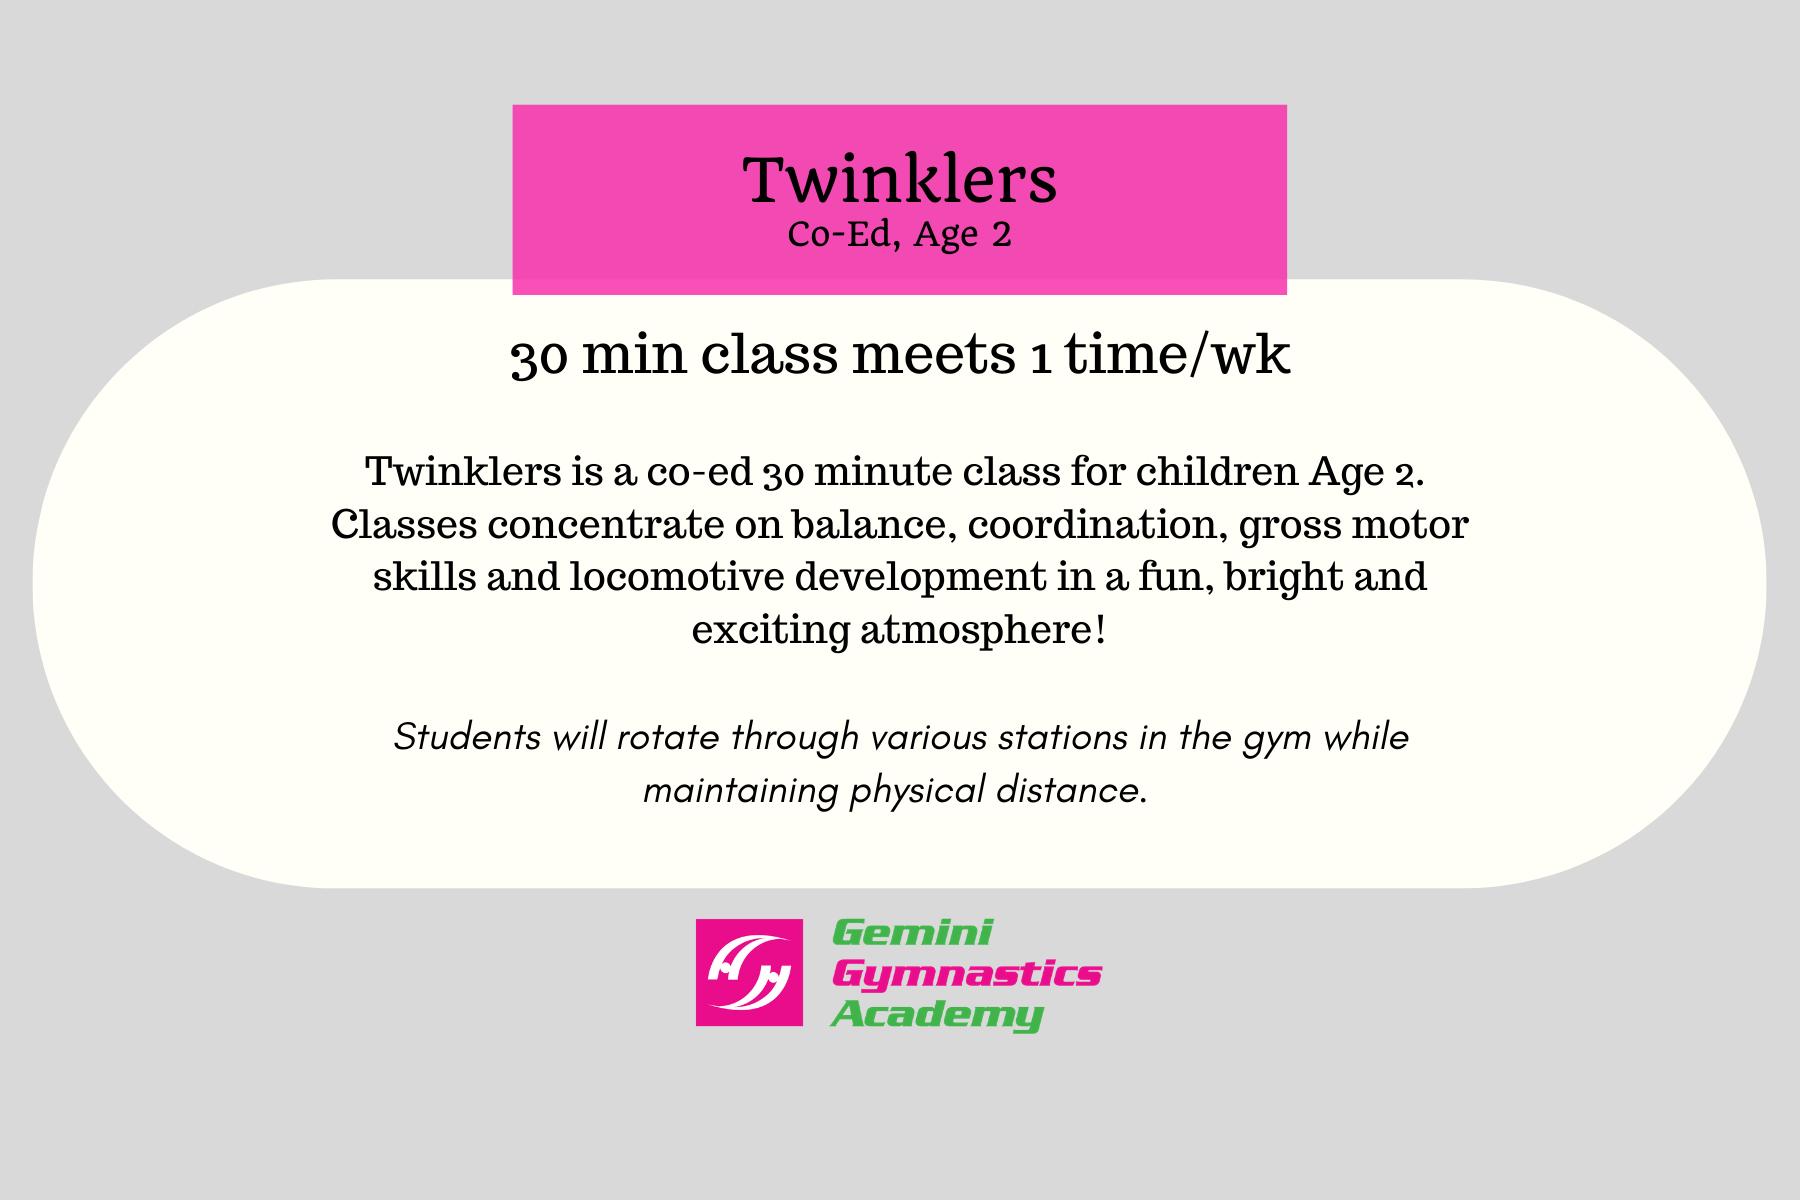 twinklers